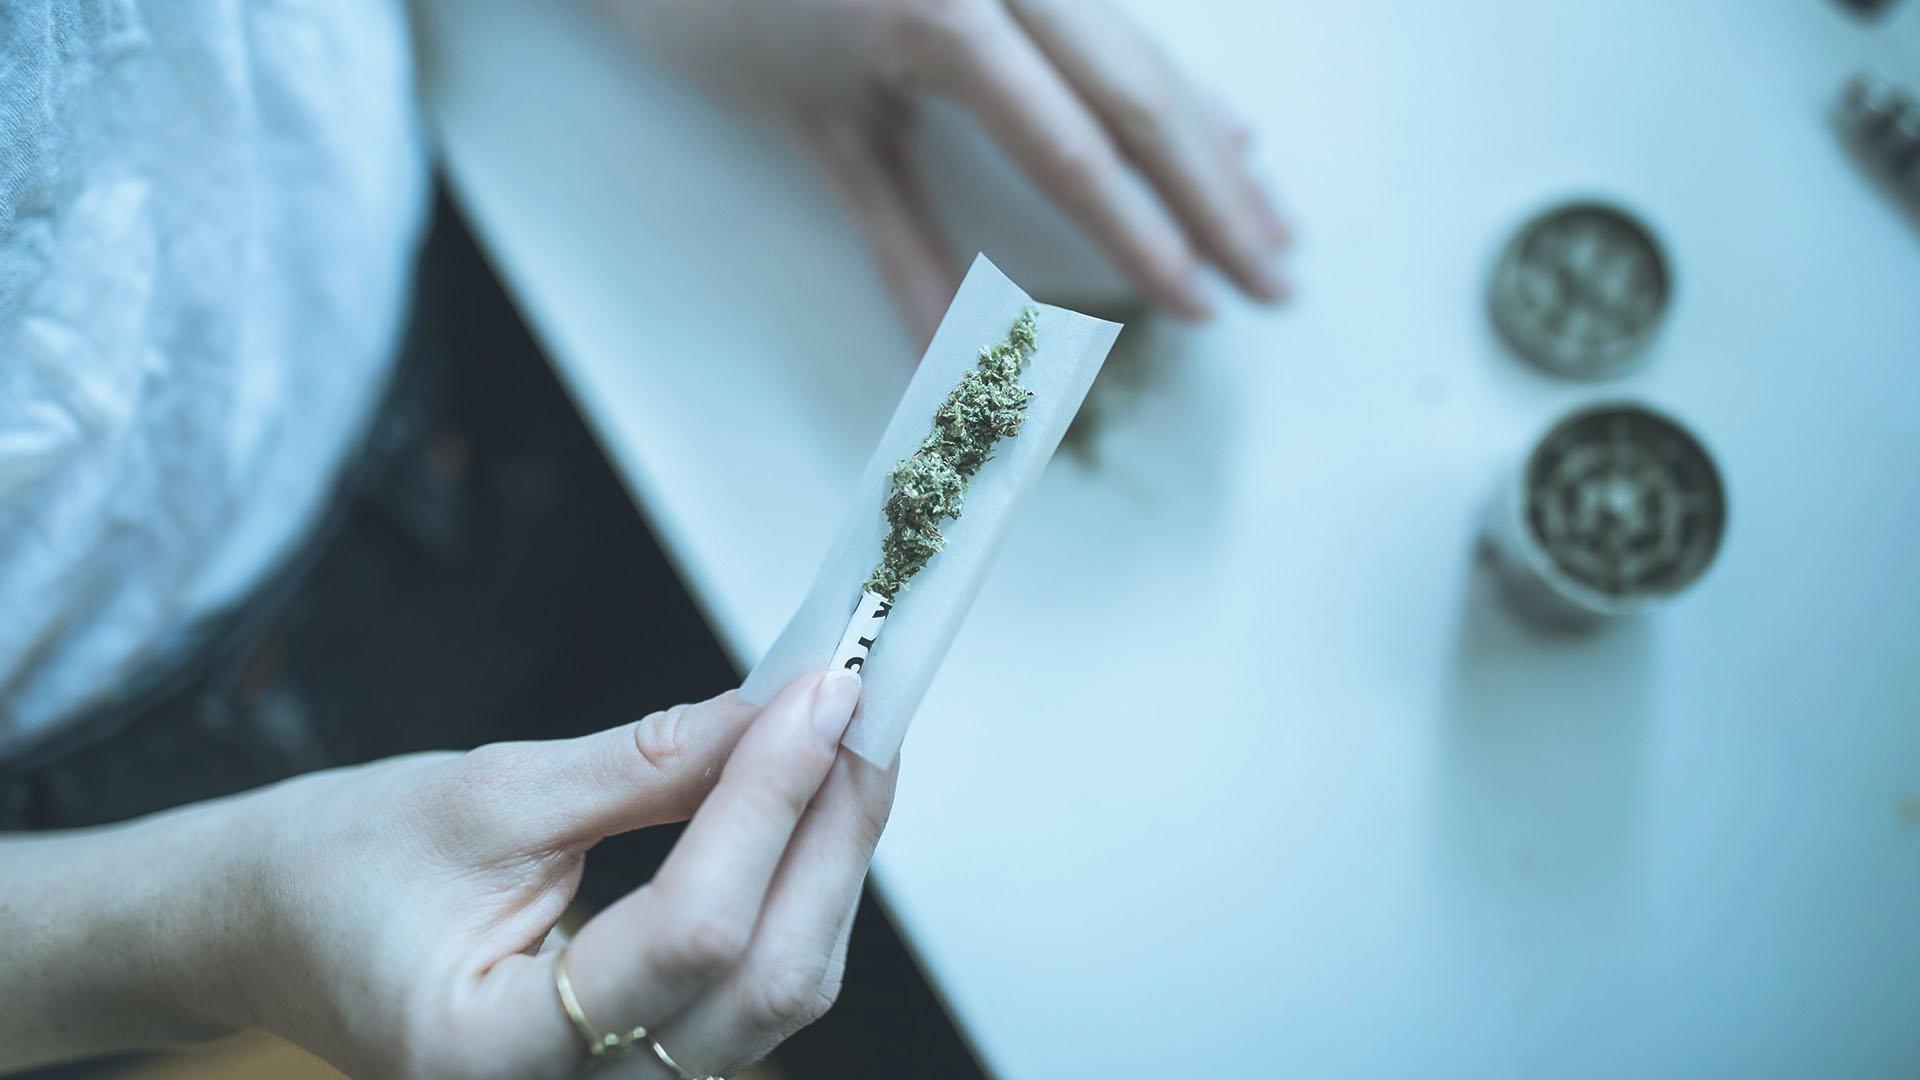 Le droghe più usate nel chemsex sono metanfetamina, mefedrone e Ghb